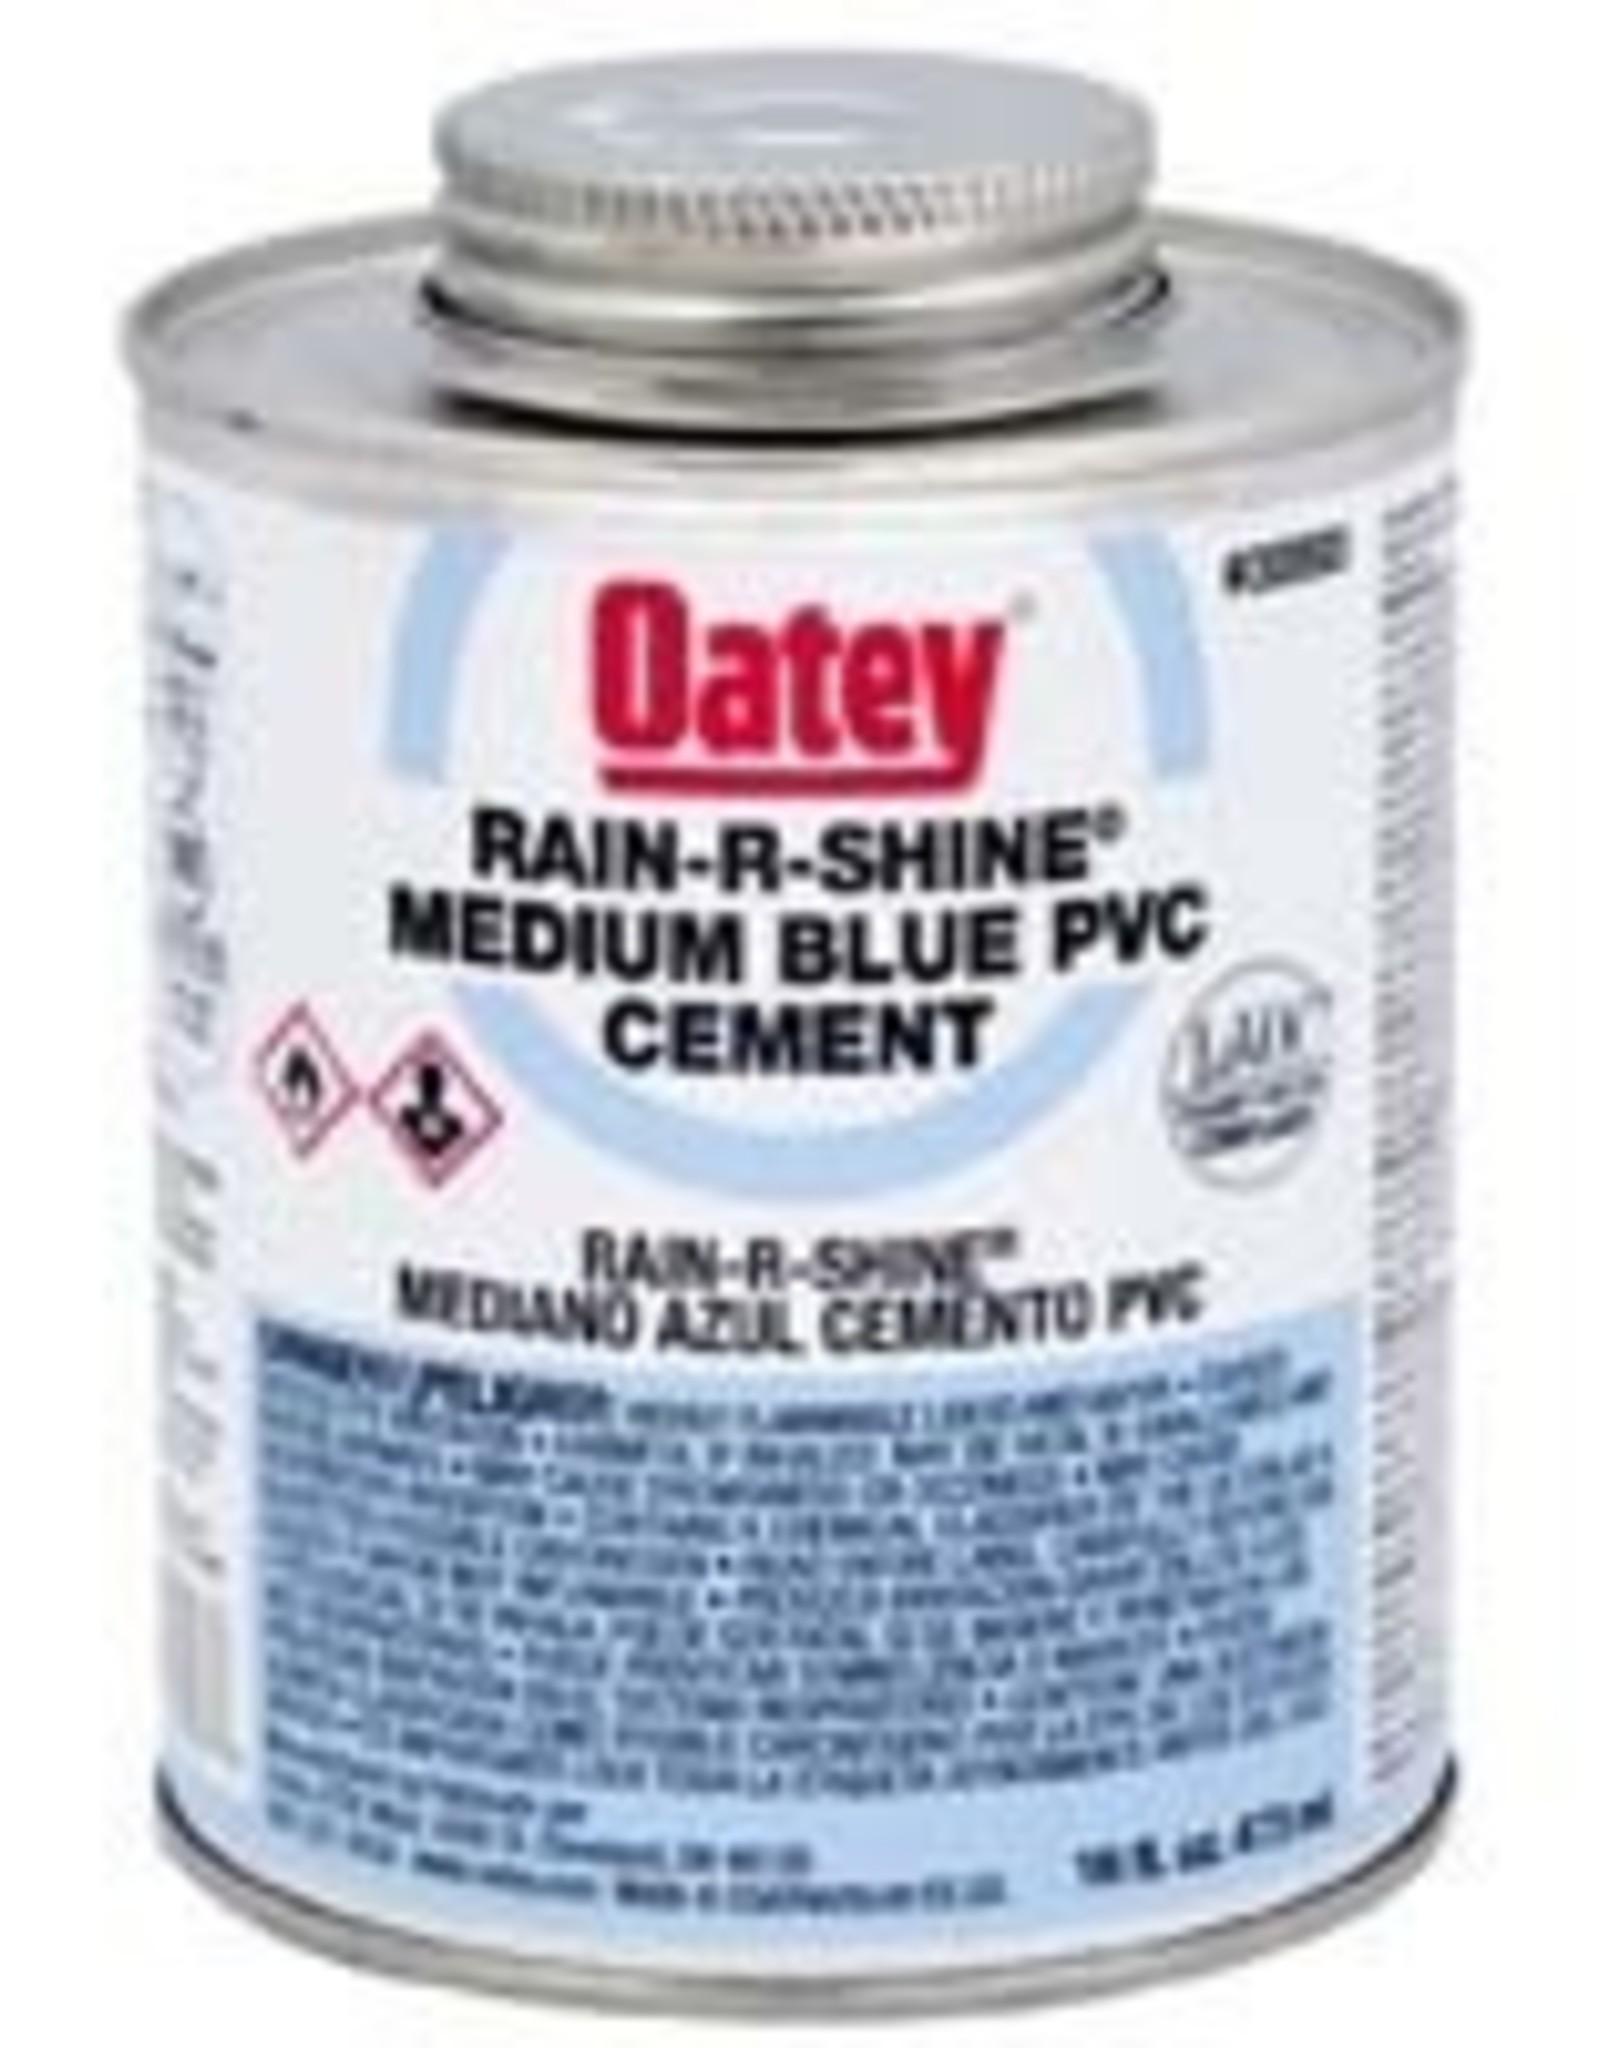 Oatey Oatey - Rain R Shine Medium Blue PVC Cement 16oz